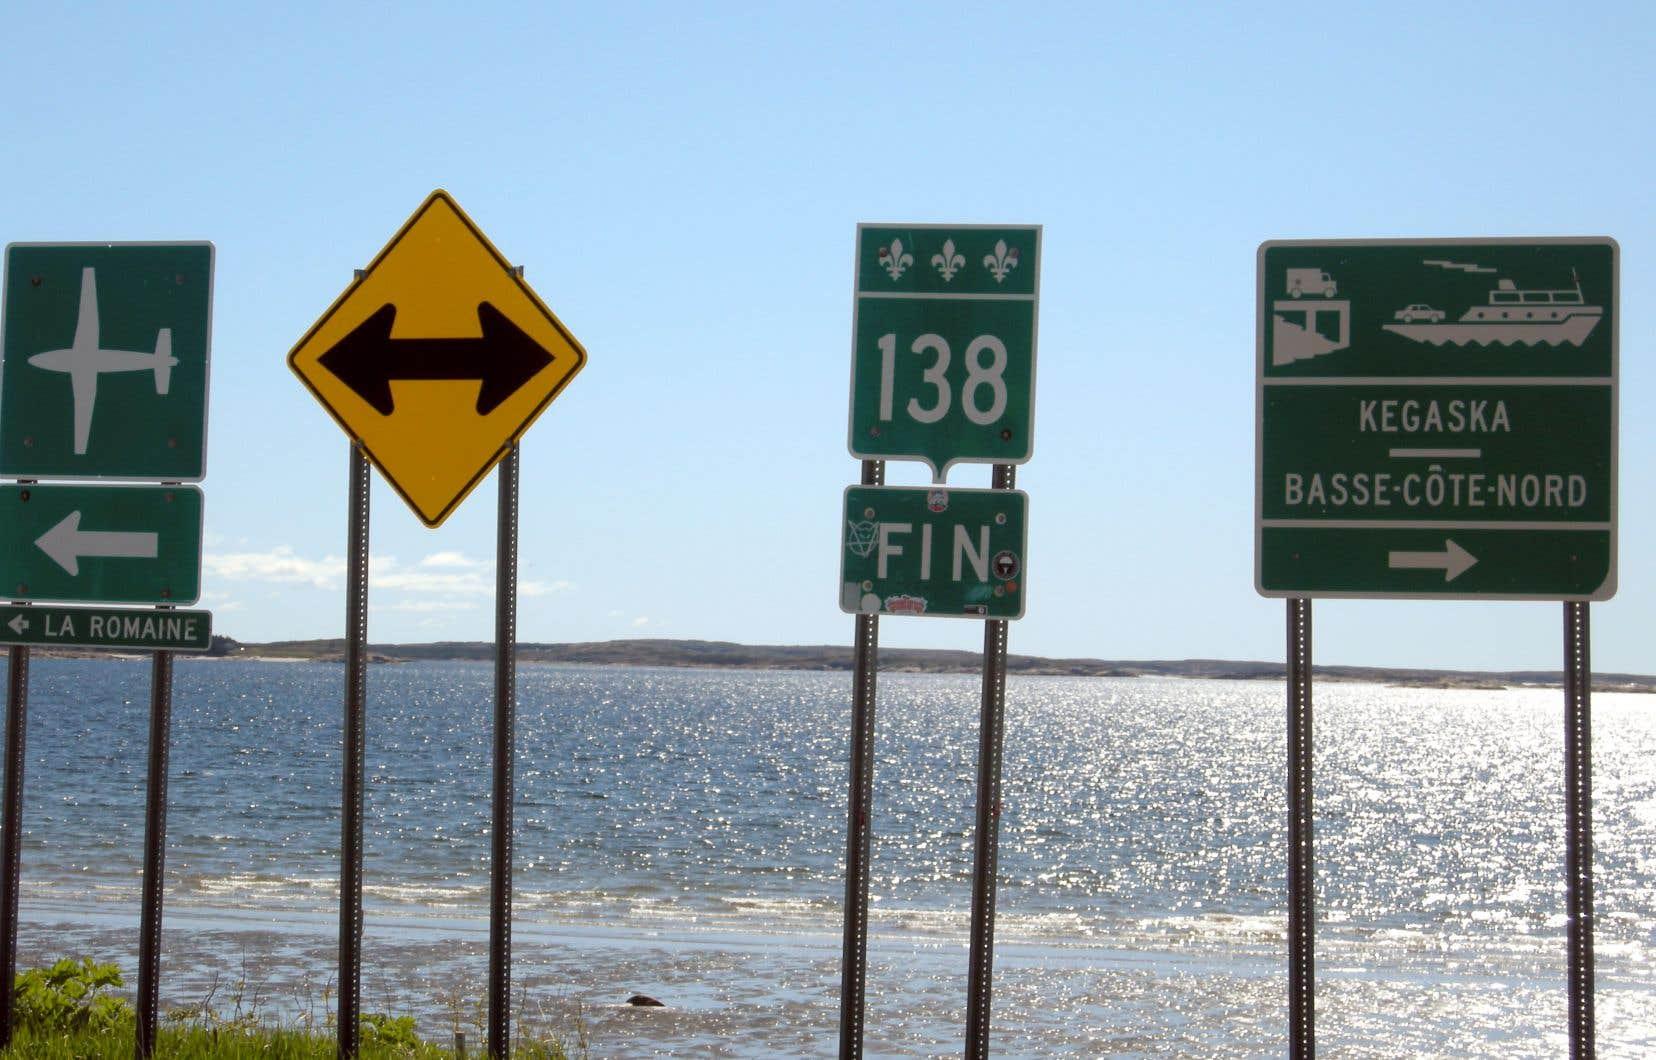 Panneau signalant la fin de la route 138 à Kégaska. Après, pour aller plus à l'est, il faut prendre le bateau ou l'avion.